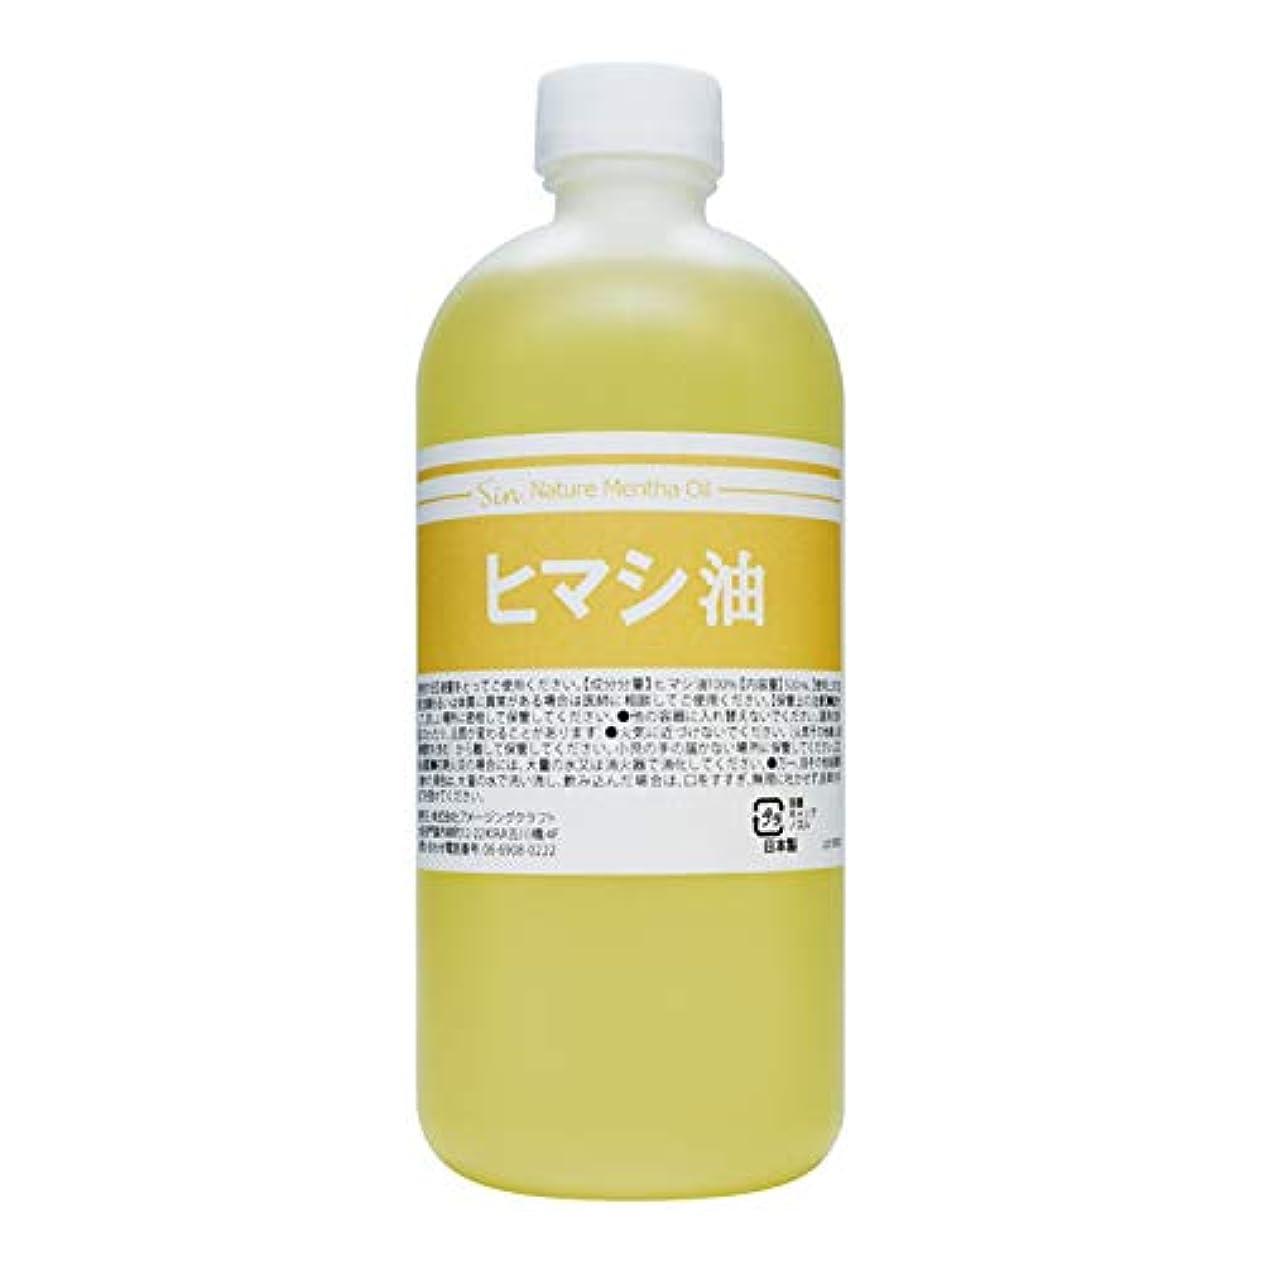 ゼロ学習パット天然無添加 国内精製 ひまし油 500ml (ヒマシ油 キャスターオイル)